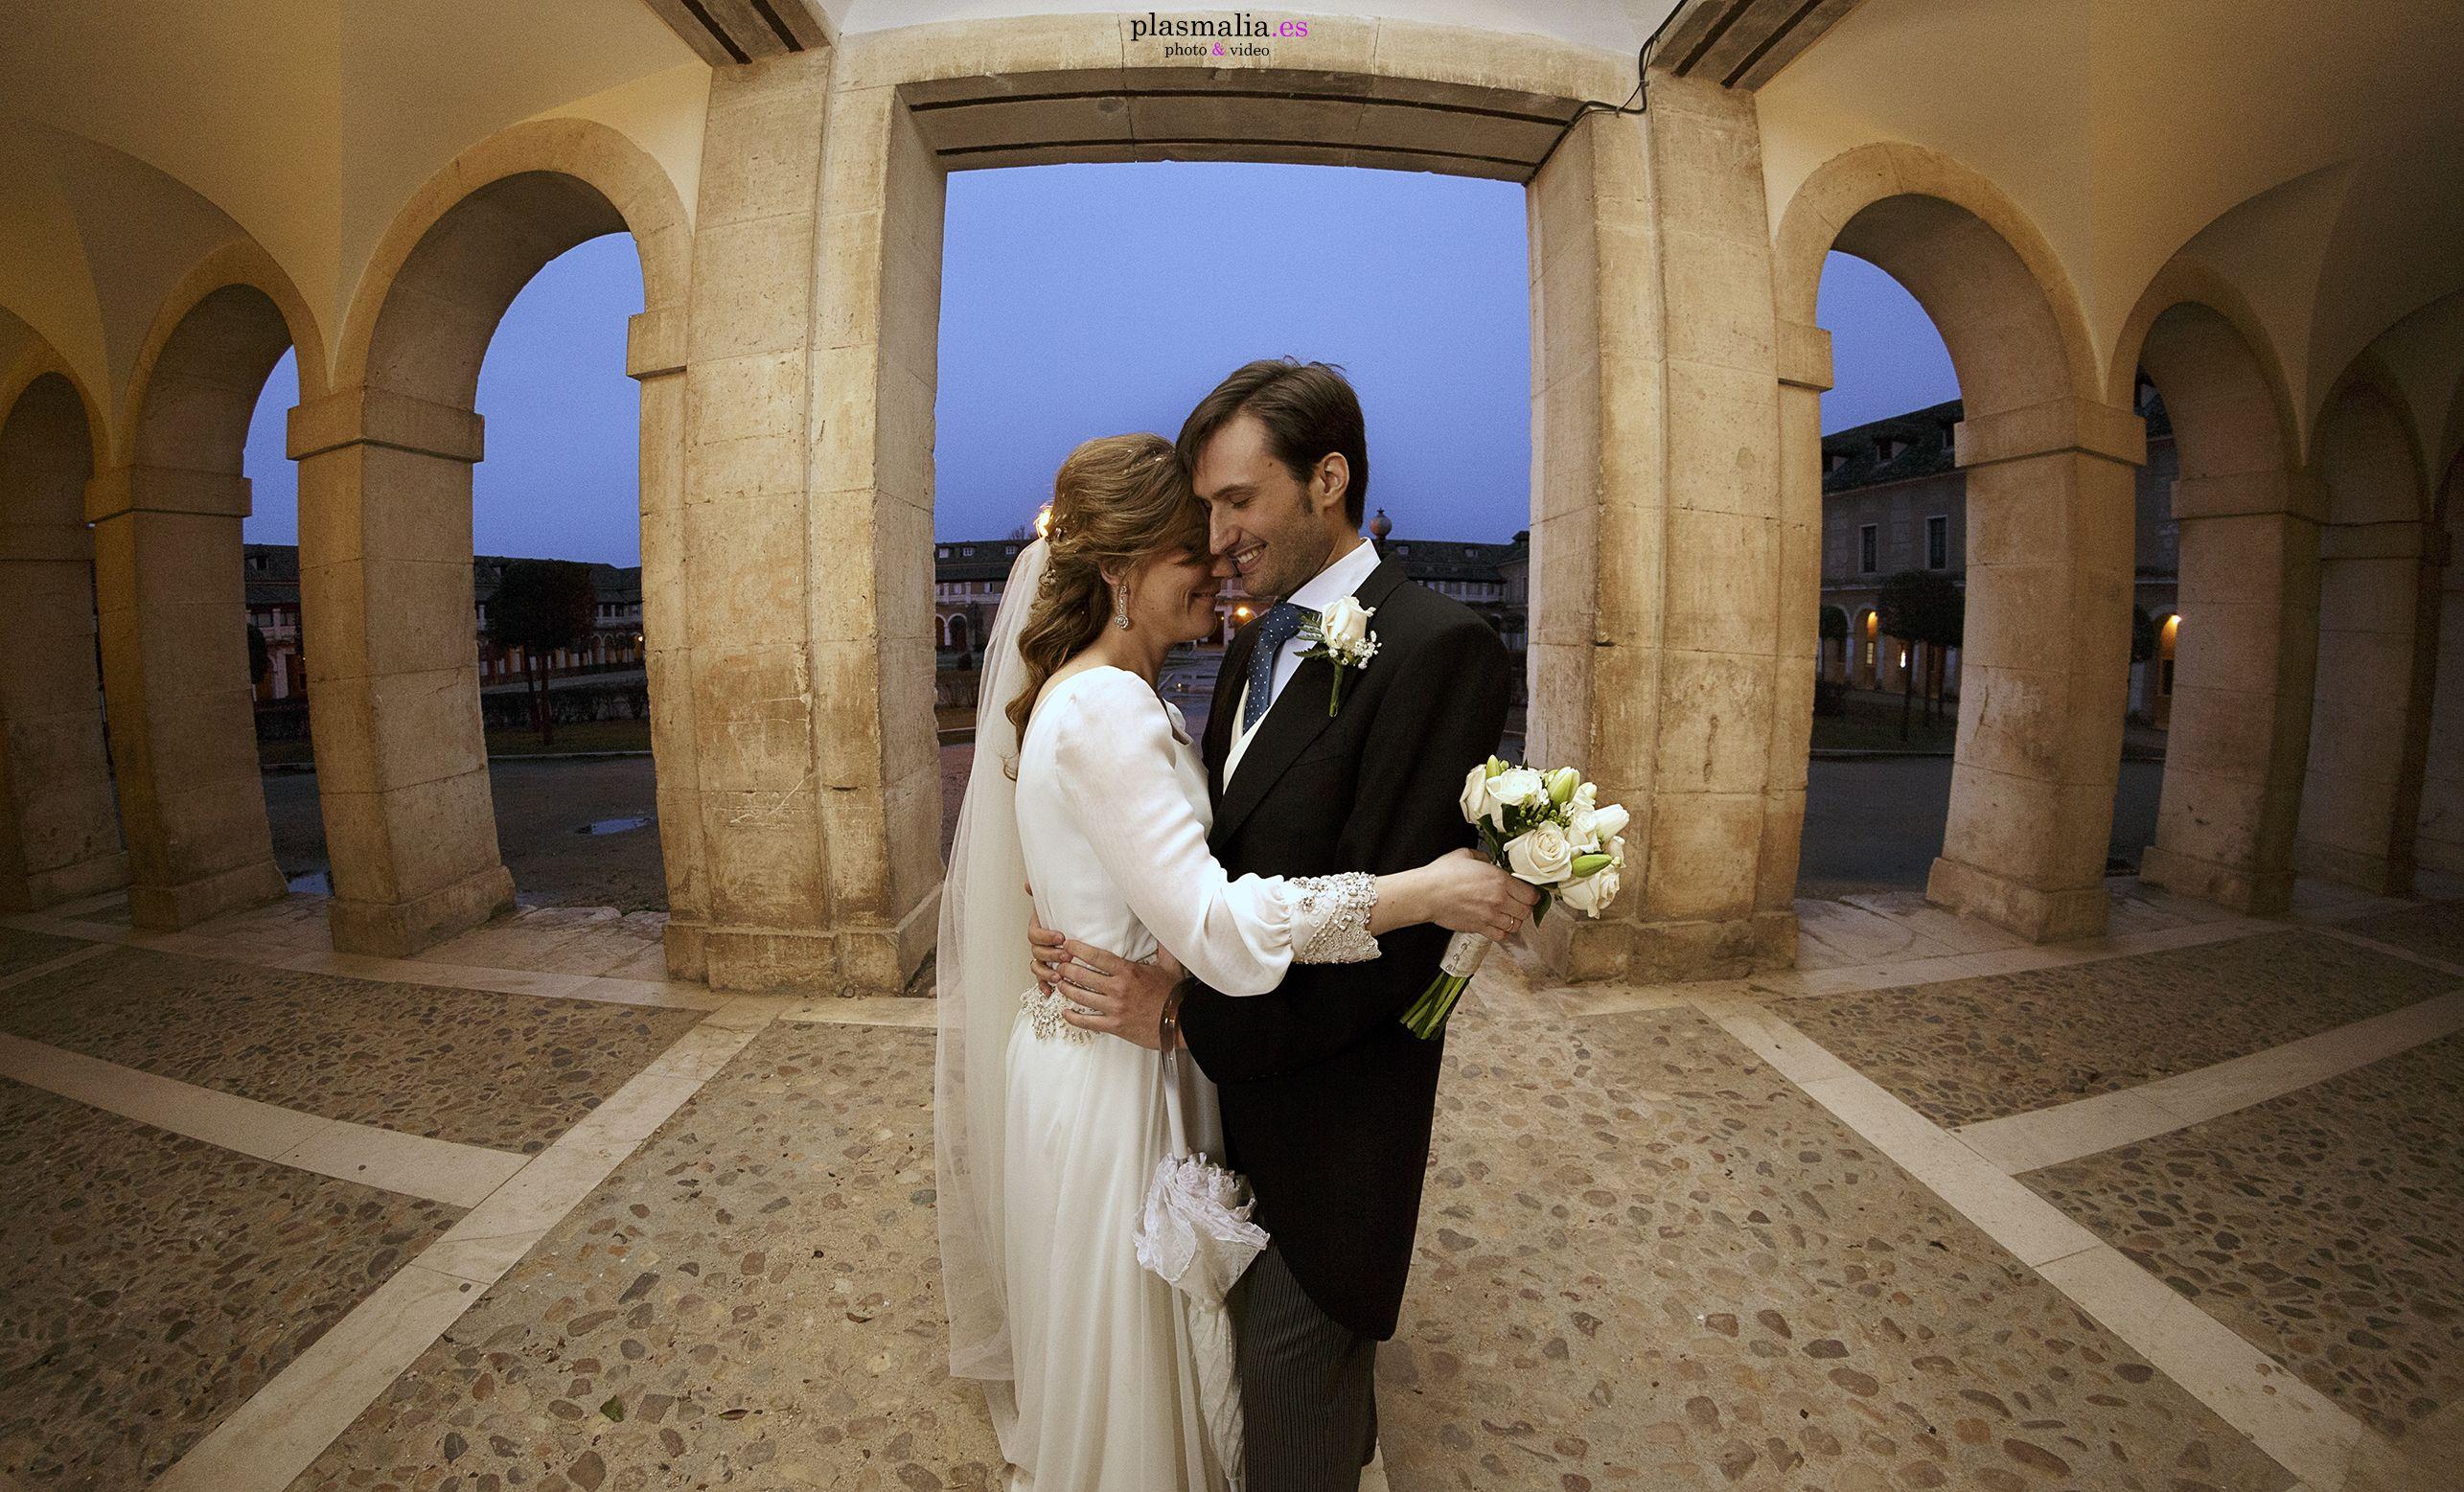 Unas fotografías de boda nocturnas en el Palacio Real De Aranjuez